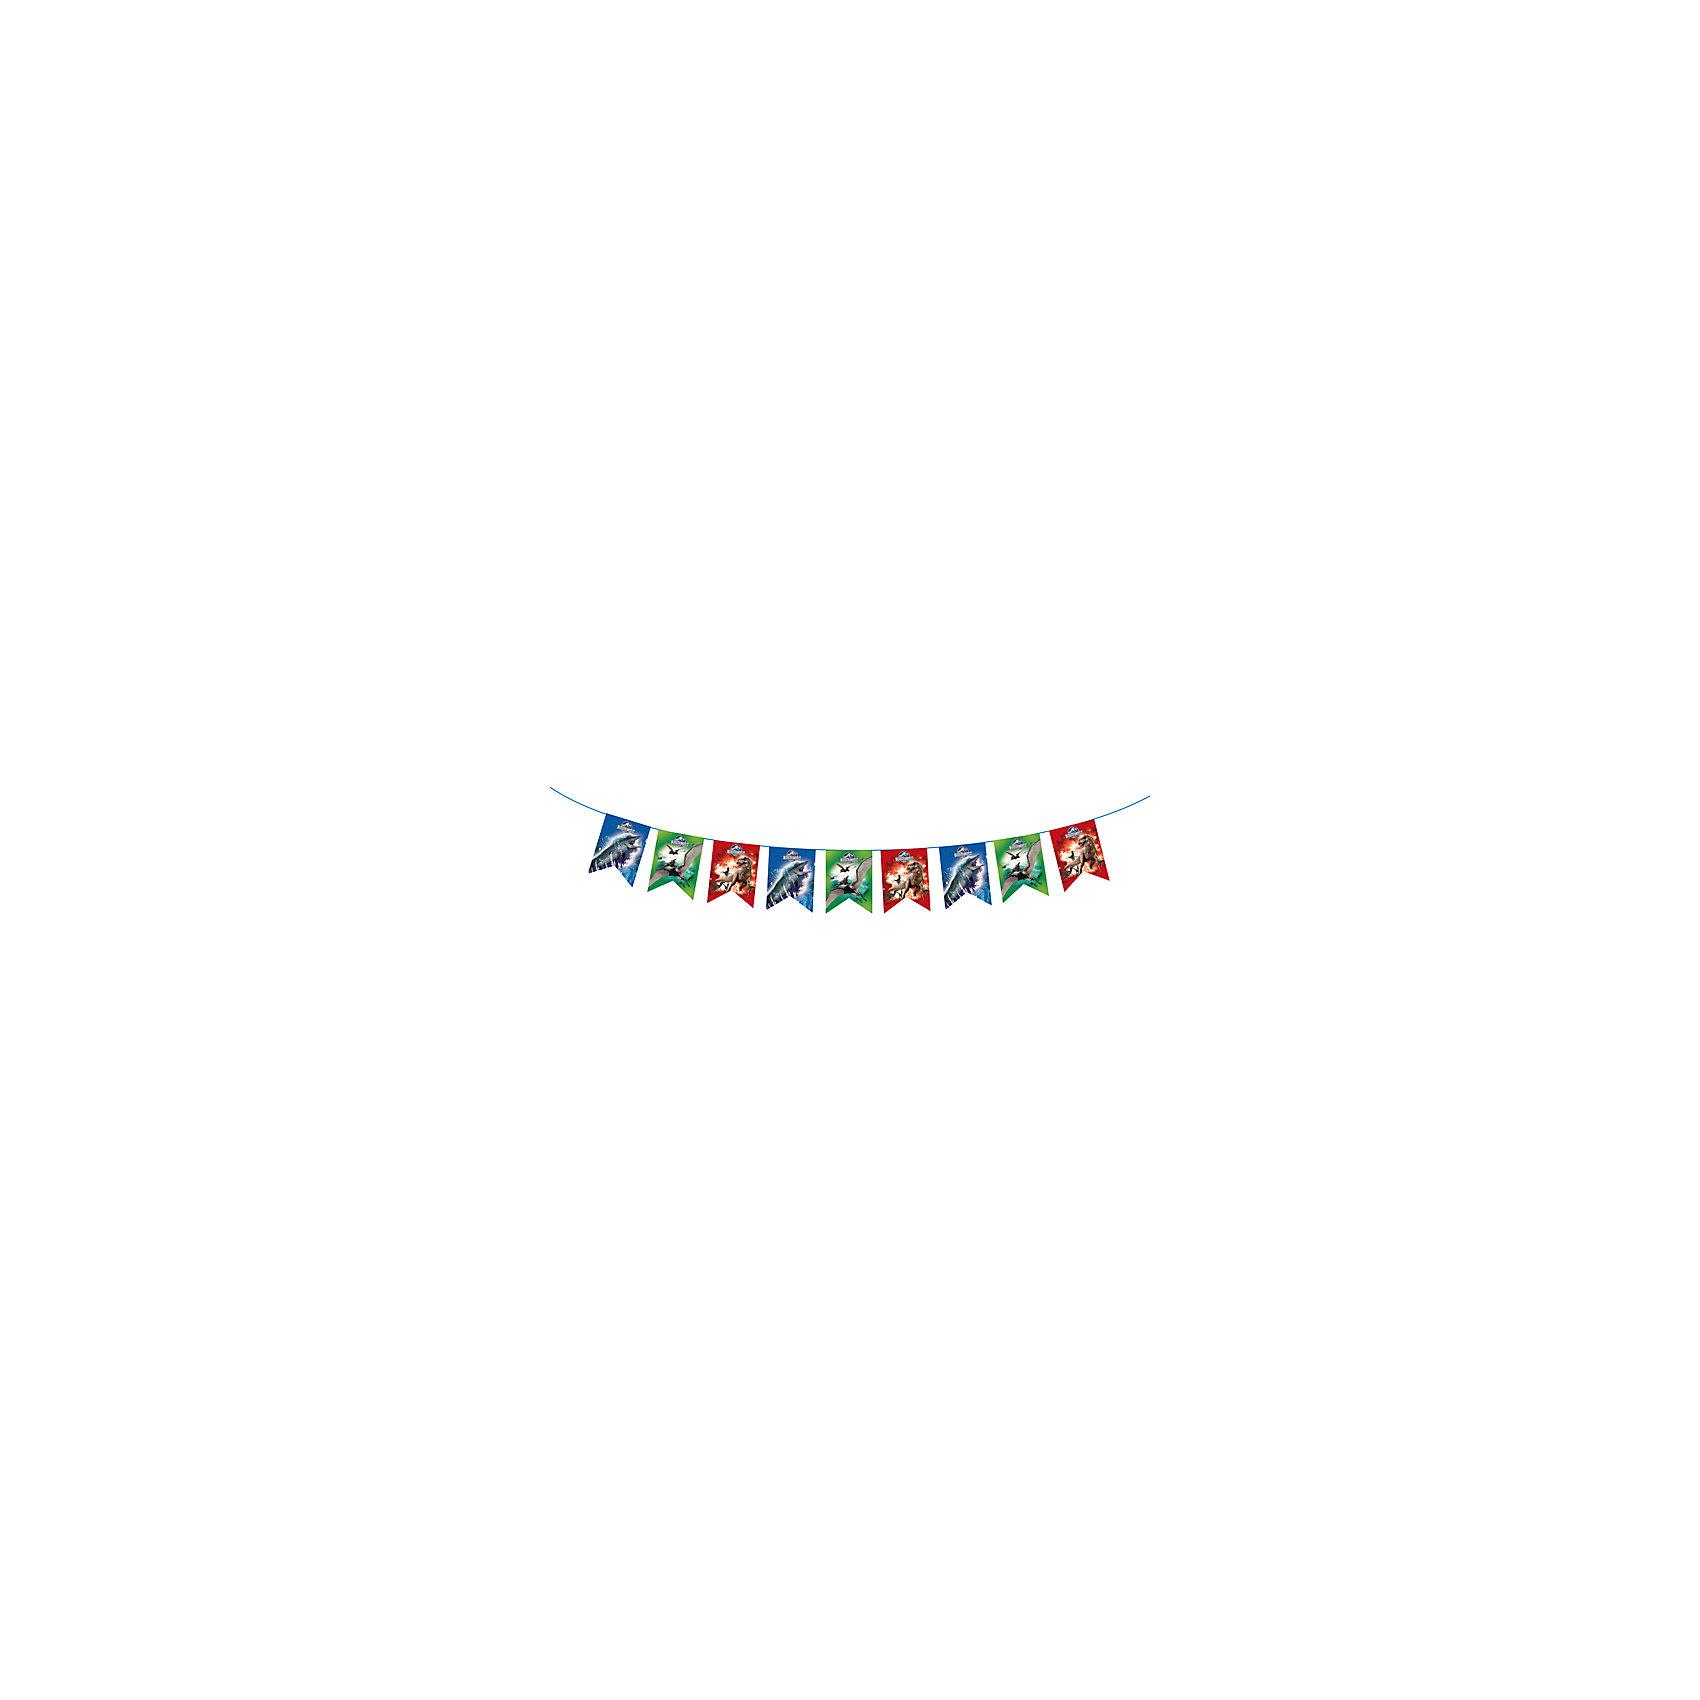 Гирлянда-флажки Динозавры 3,2 м, Парк Юрского ПериодаНовинки для детской<br>Гирлянда-флажки Динозавры 3,2 м, Парк Юрского Периода – аксессуар станет отличным украшением для комнаты, где будет отмечаться торжество.<br>Стильная гирлянда «Динозавры» с персонажами фильма «Парк Юрского Периода» идеально подойдет для детского праздника. Она не только эффектно преобразит помещение, но и поднимет настроение всем участникам торжества.<br><br>Дополнительная информация:<br><br>- Длина: 3,2 м.<br>- Высота флажков: 18 см.<br>- Материал: бумага<br>- Способ крепления: лента<br><br>Гирлянду-флажки Динозавры 3,2 м, Парк Юрского Периода можно купить в нашем интернет-магазине.<br><br>Ширина мм: 250<br>Глубина мм: 210<br>Высота мм: 5<br>Вес г: 80<br>Возраст от месяцев: 36<br>Возраст до месяцев: 96<br>Пол: Мужской<br>Возраст: Детский<br>SKU: 4278329